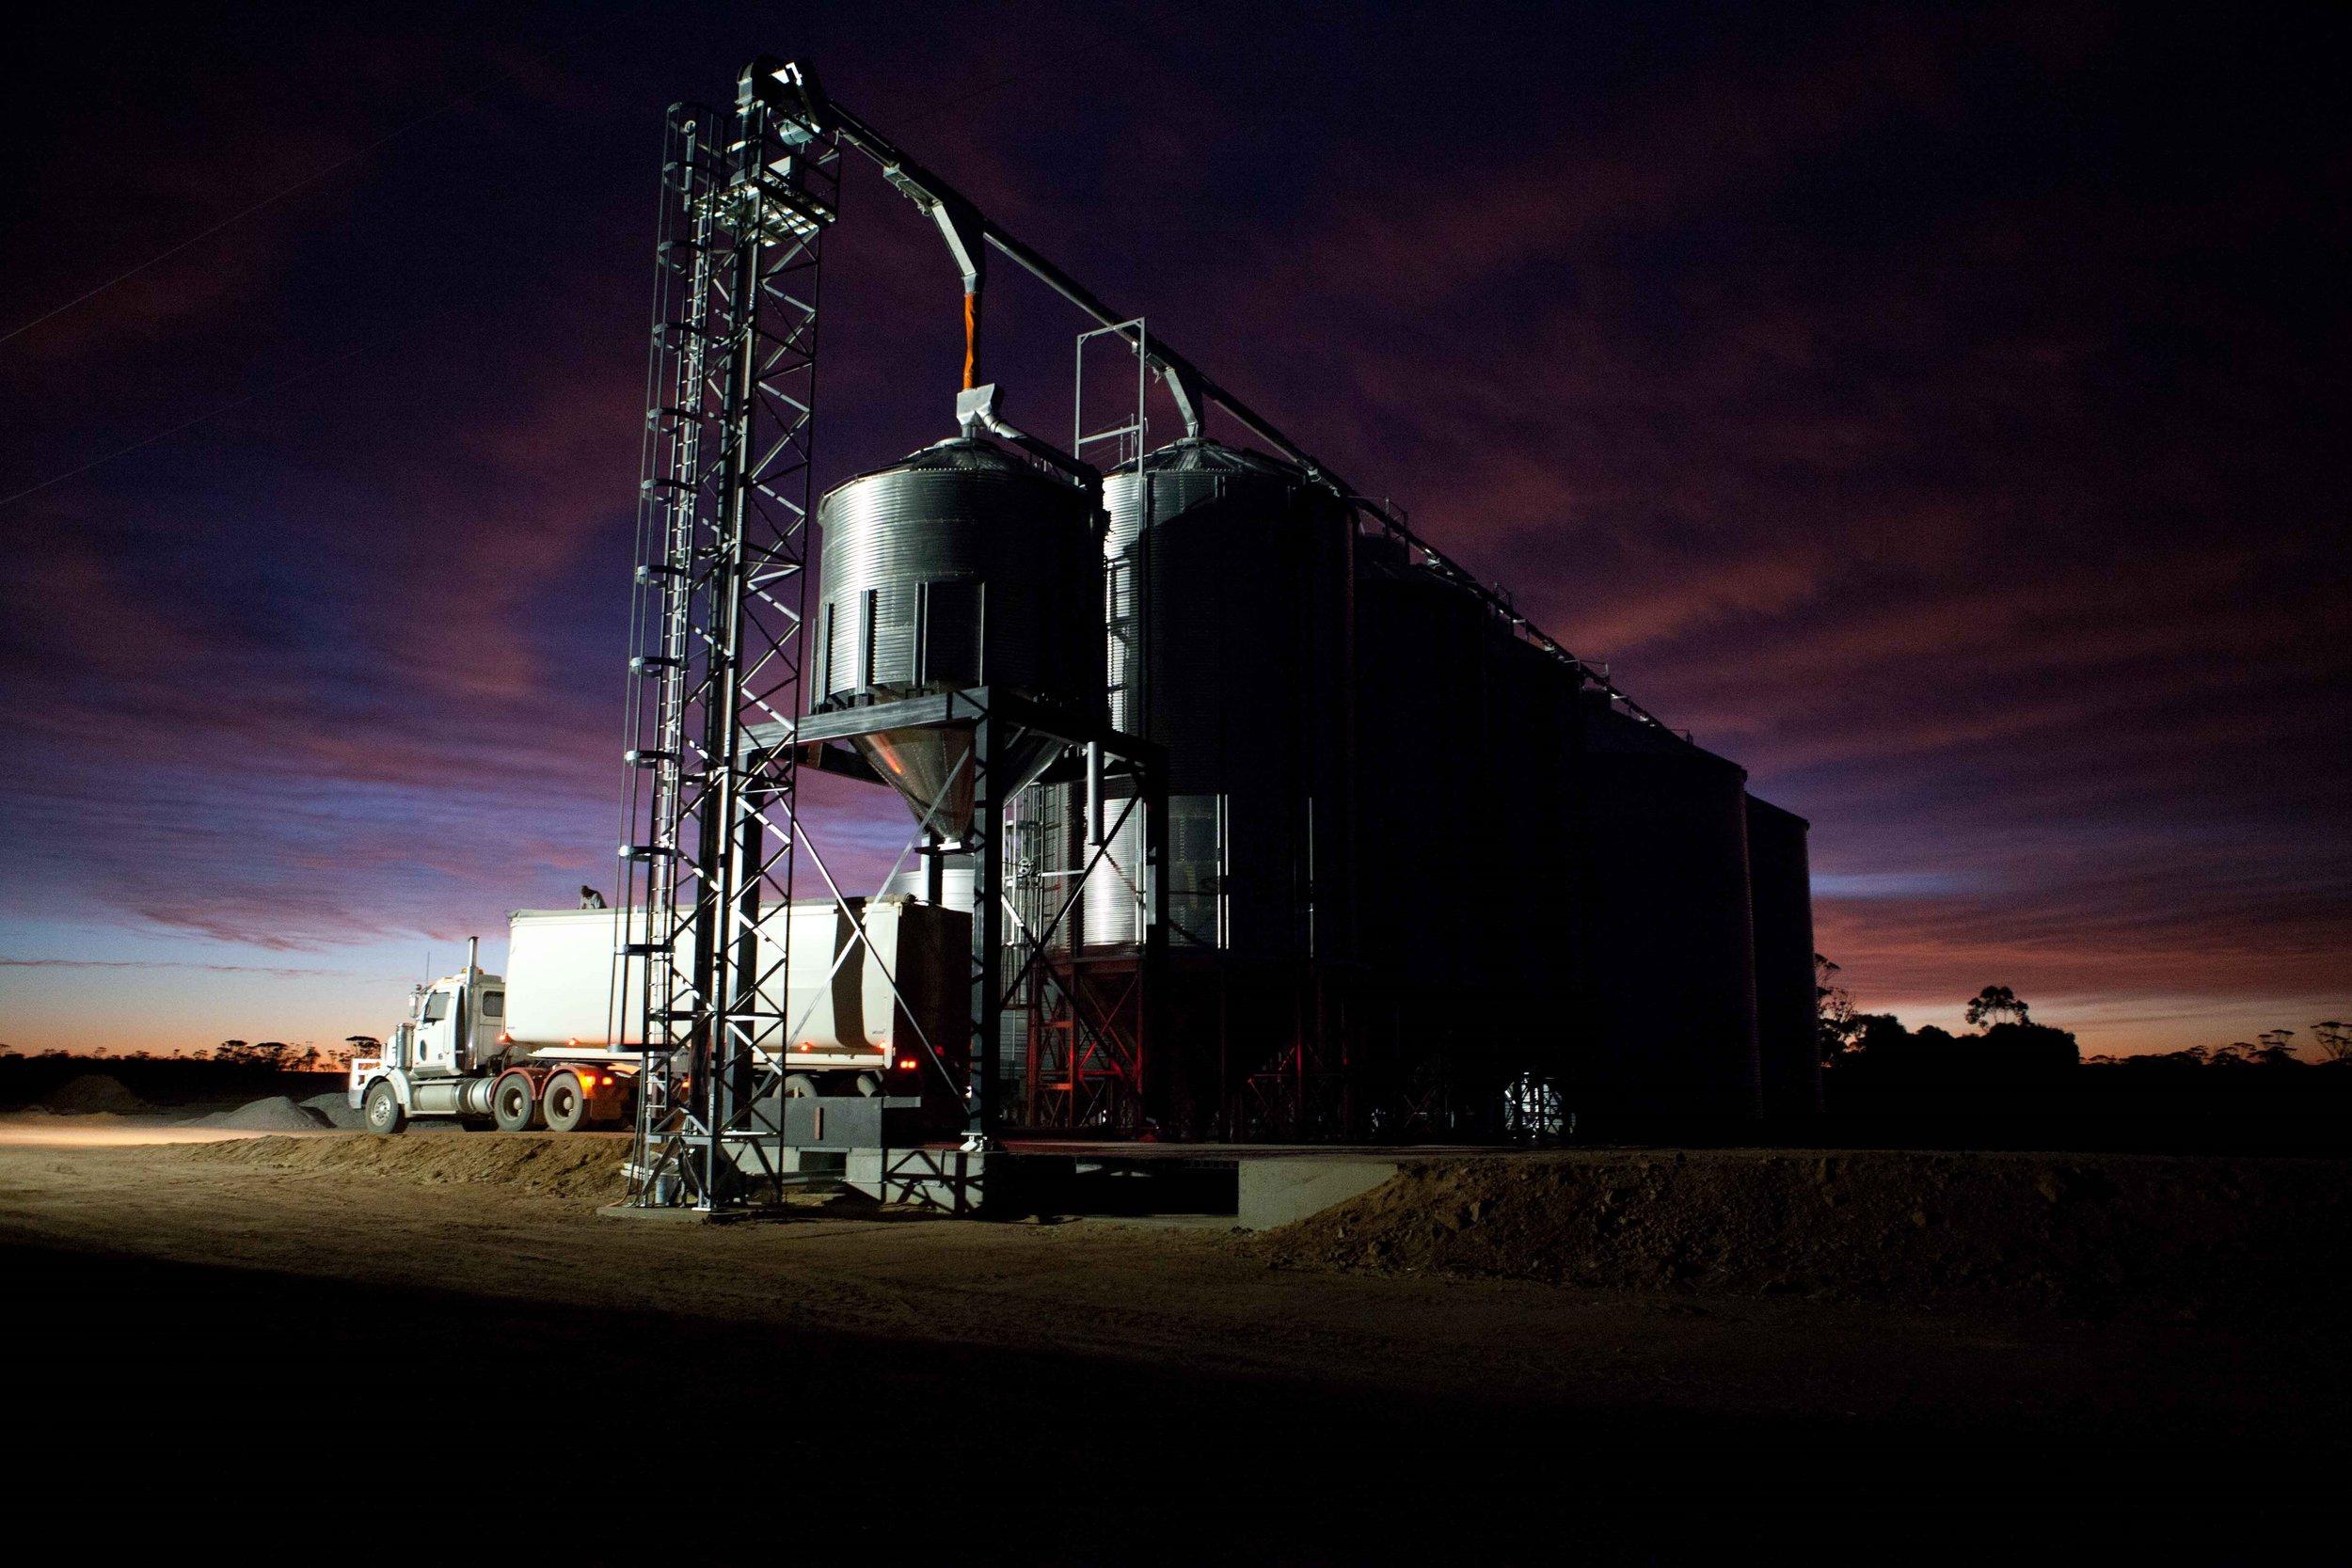 Grain loop, multiple silos and garner bin